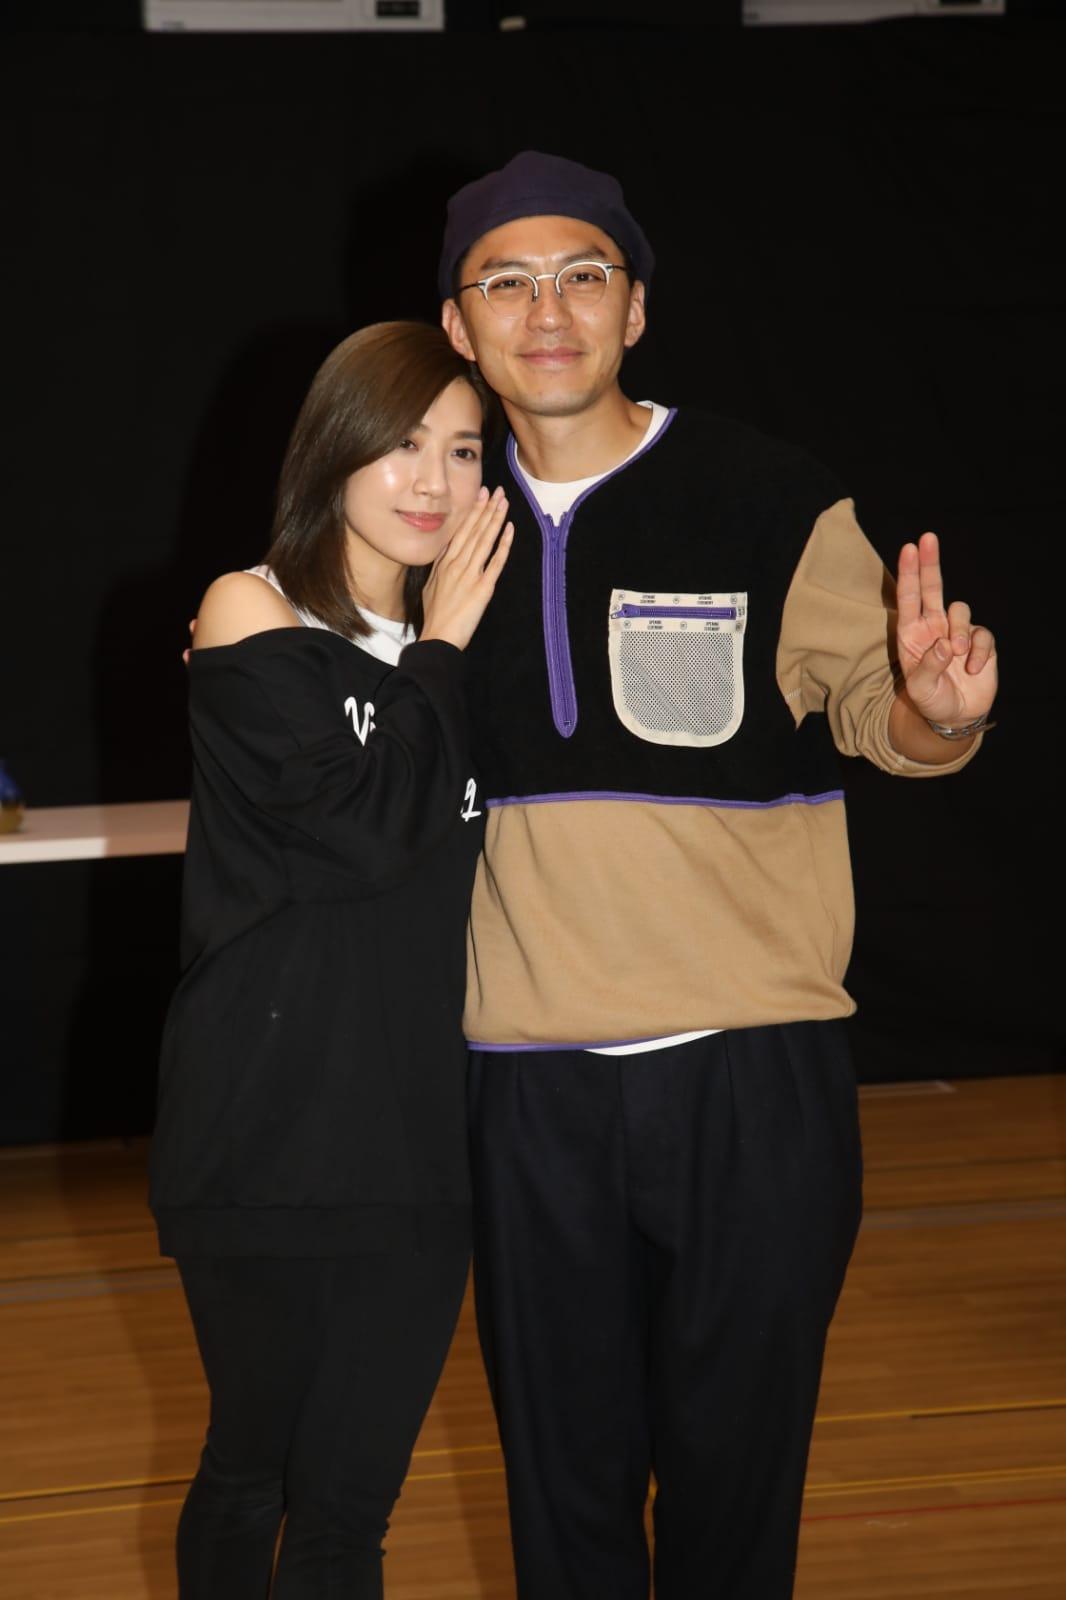 黃智雯在舞台劇中會同袁偉豪跳舞,仲話會有尺度更大嘅肢體接觸。